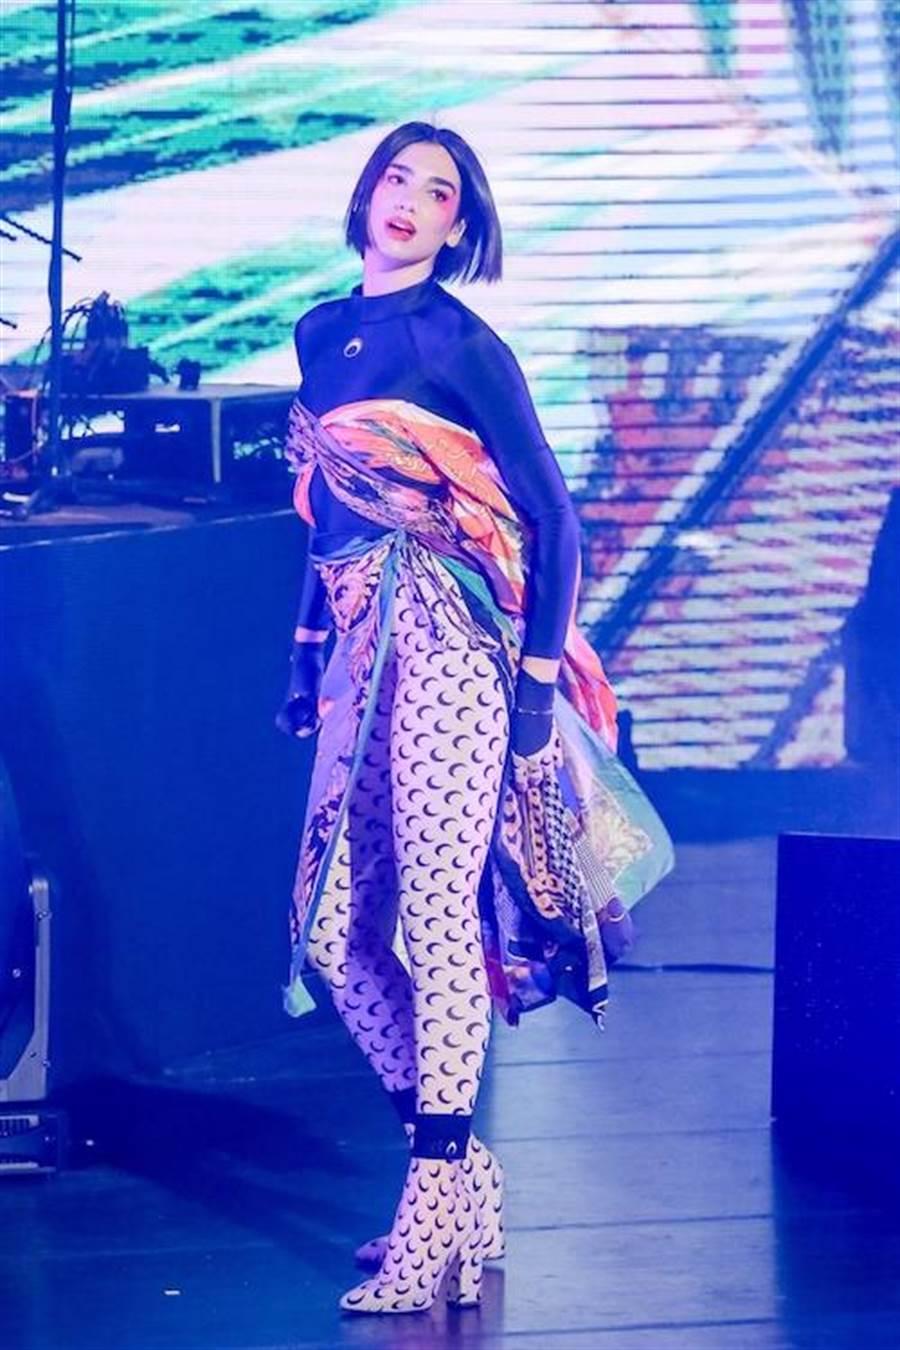 杜娃黎波圖騰披巾做外裙混搭出新風格美感。(蘇蔓攝)